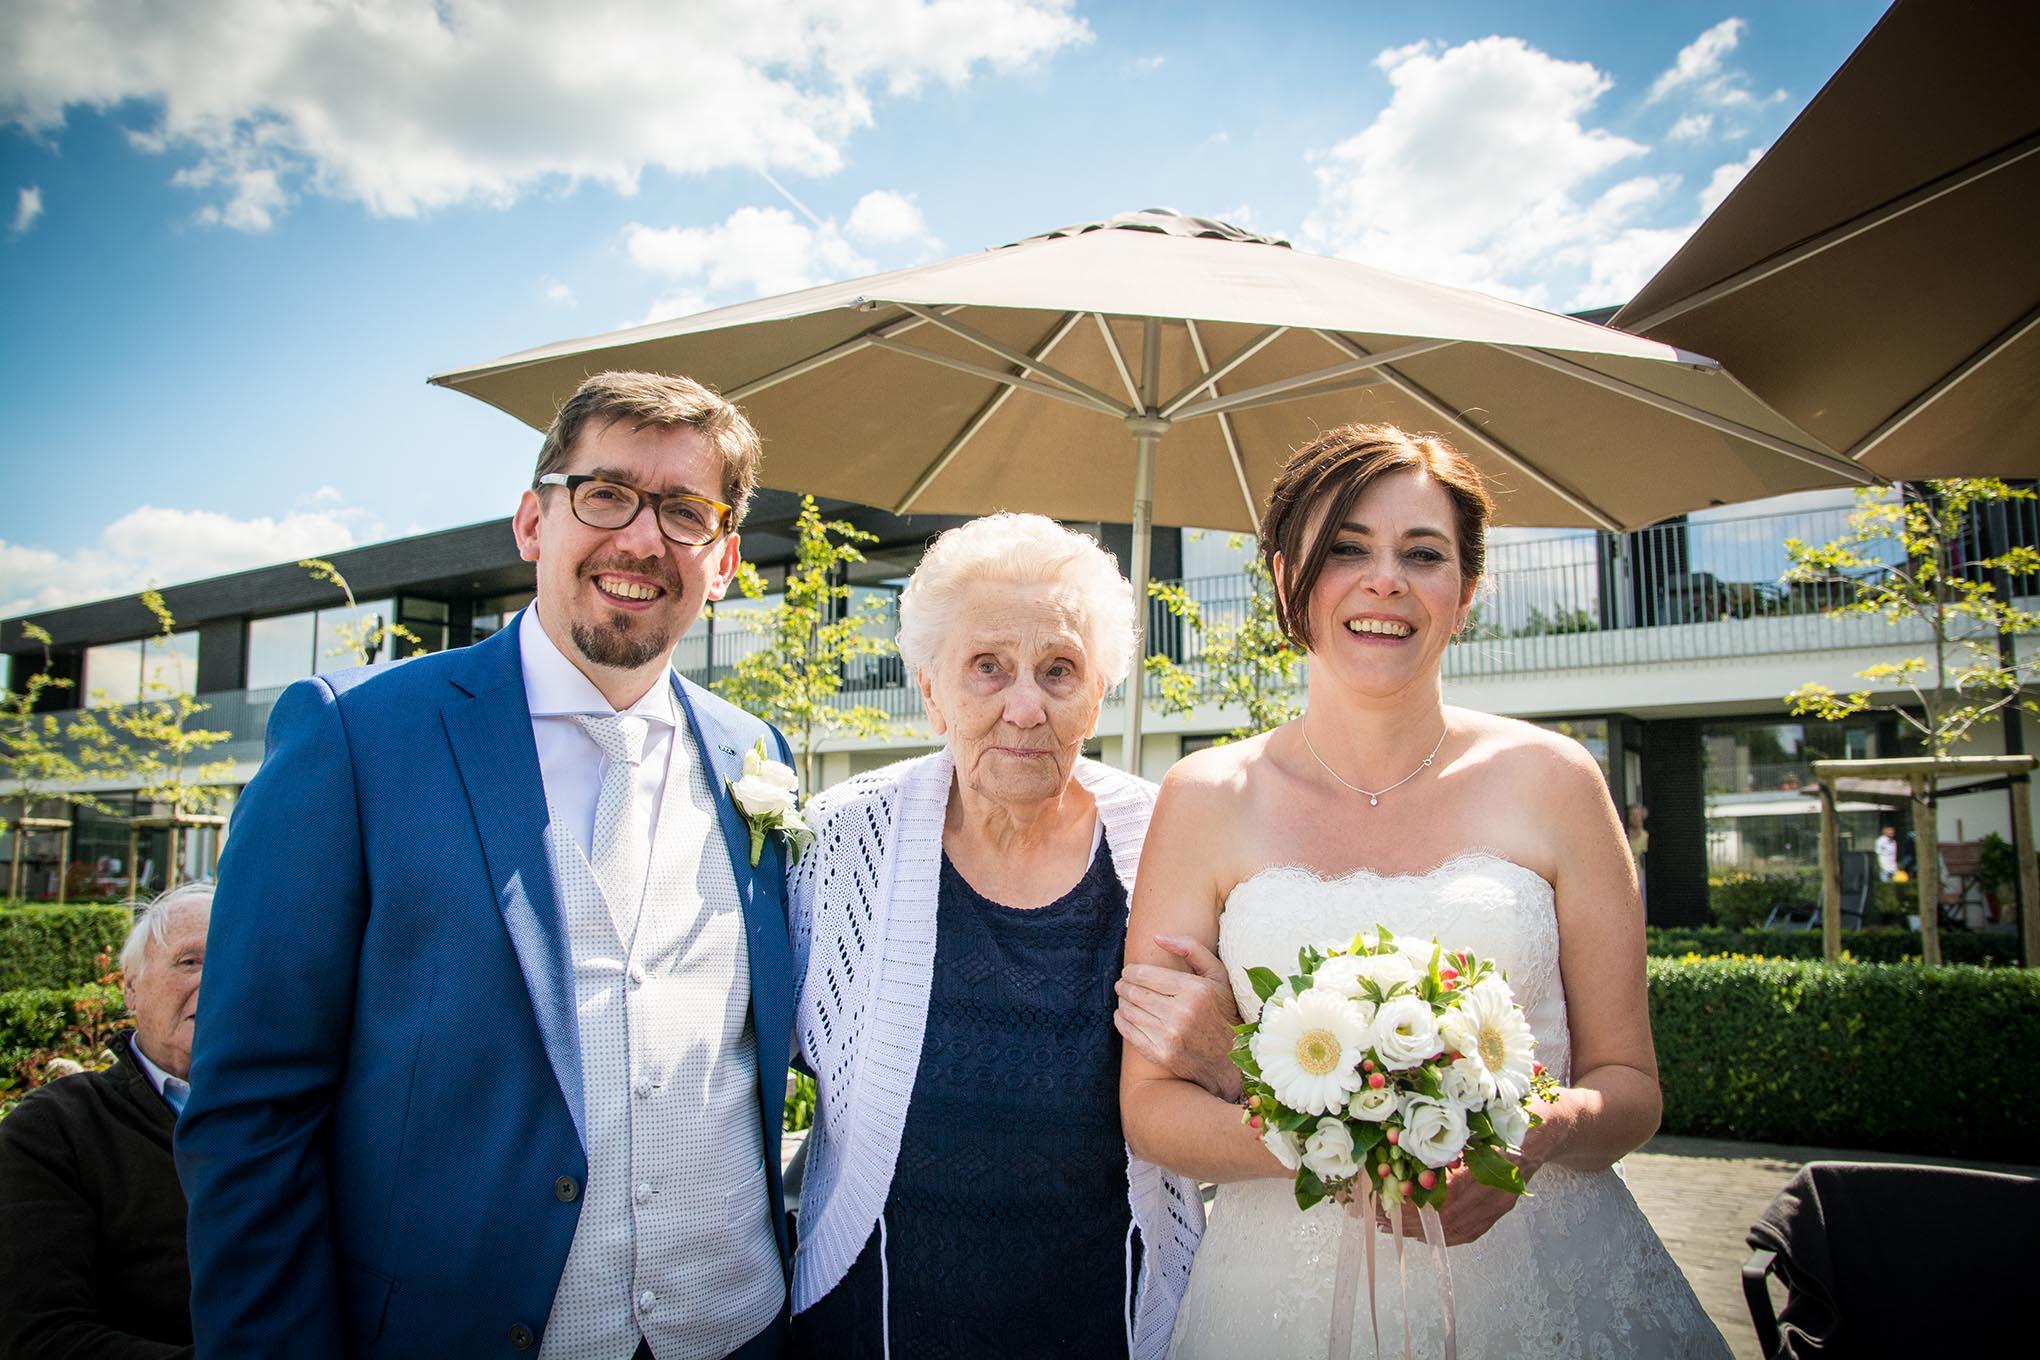 Cathy en Koen staan op hun zonnige trouwdag bij hun grootmoeder in een RVT